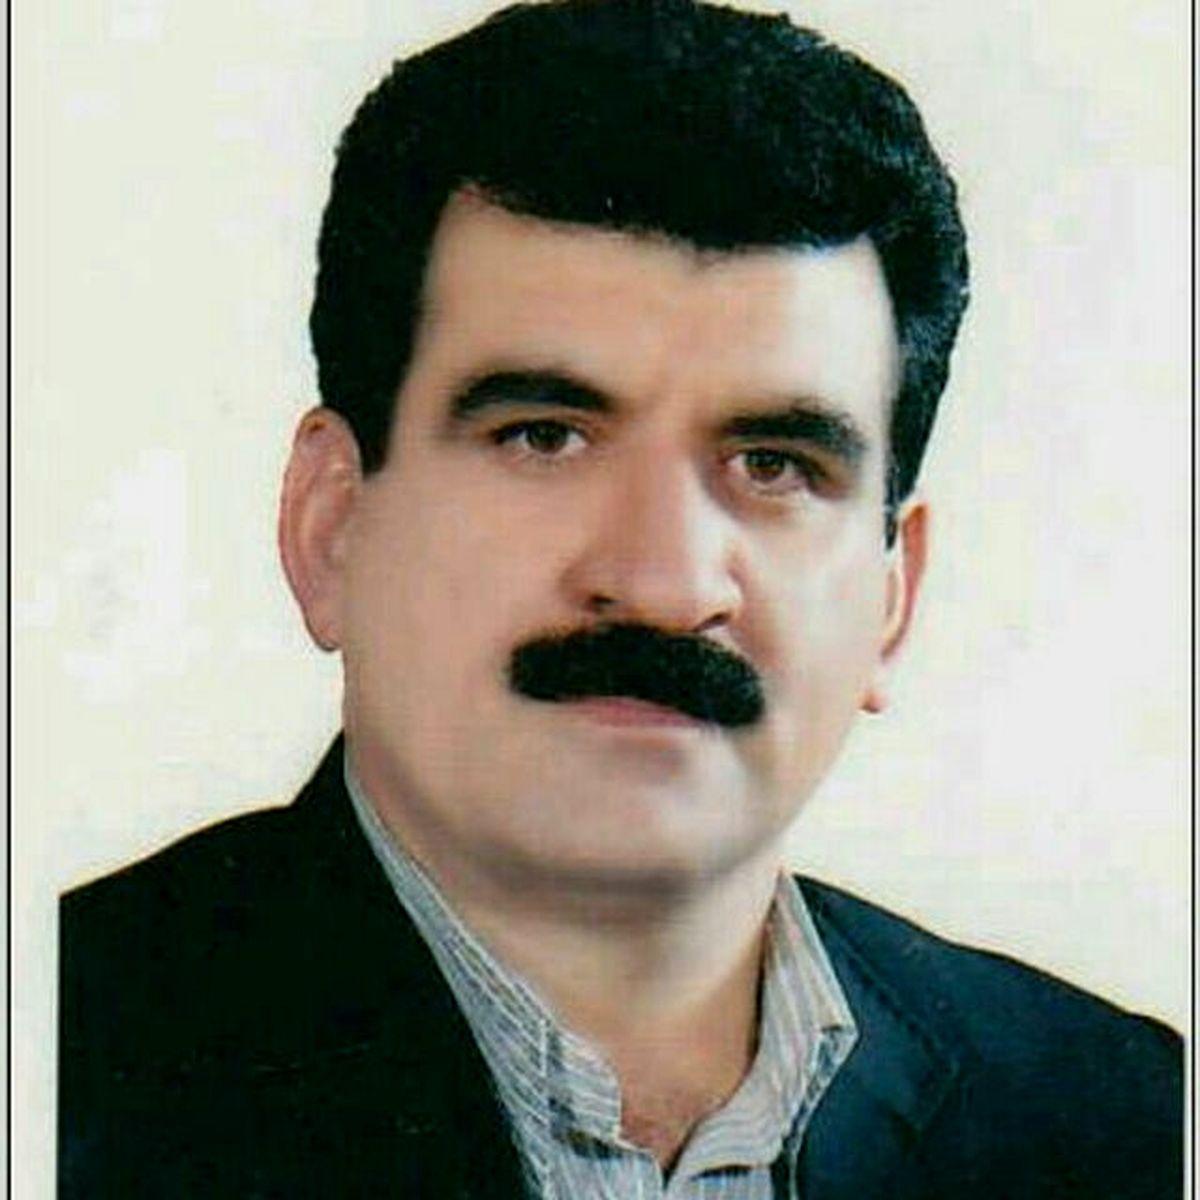 پیام تسلیت مدیر امور شعب بانک ملی استان ایلام به مناسبت شهادت سیدالساجدین، حضرت سجاد(ع)